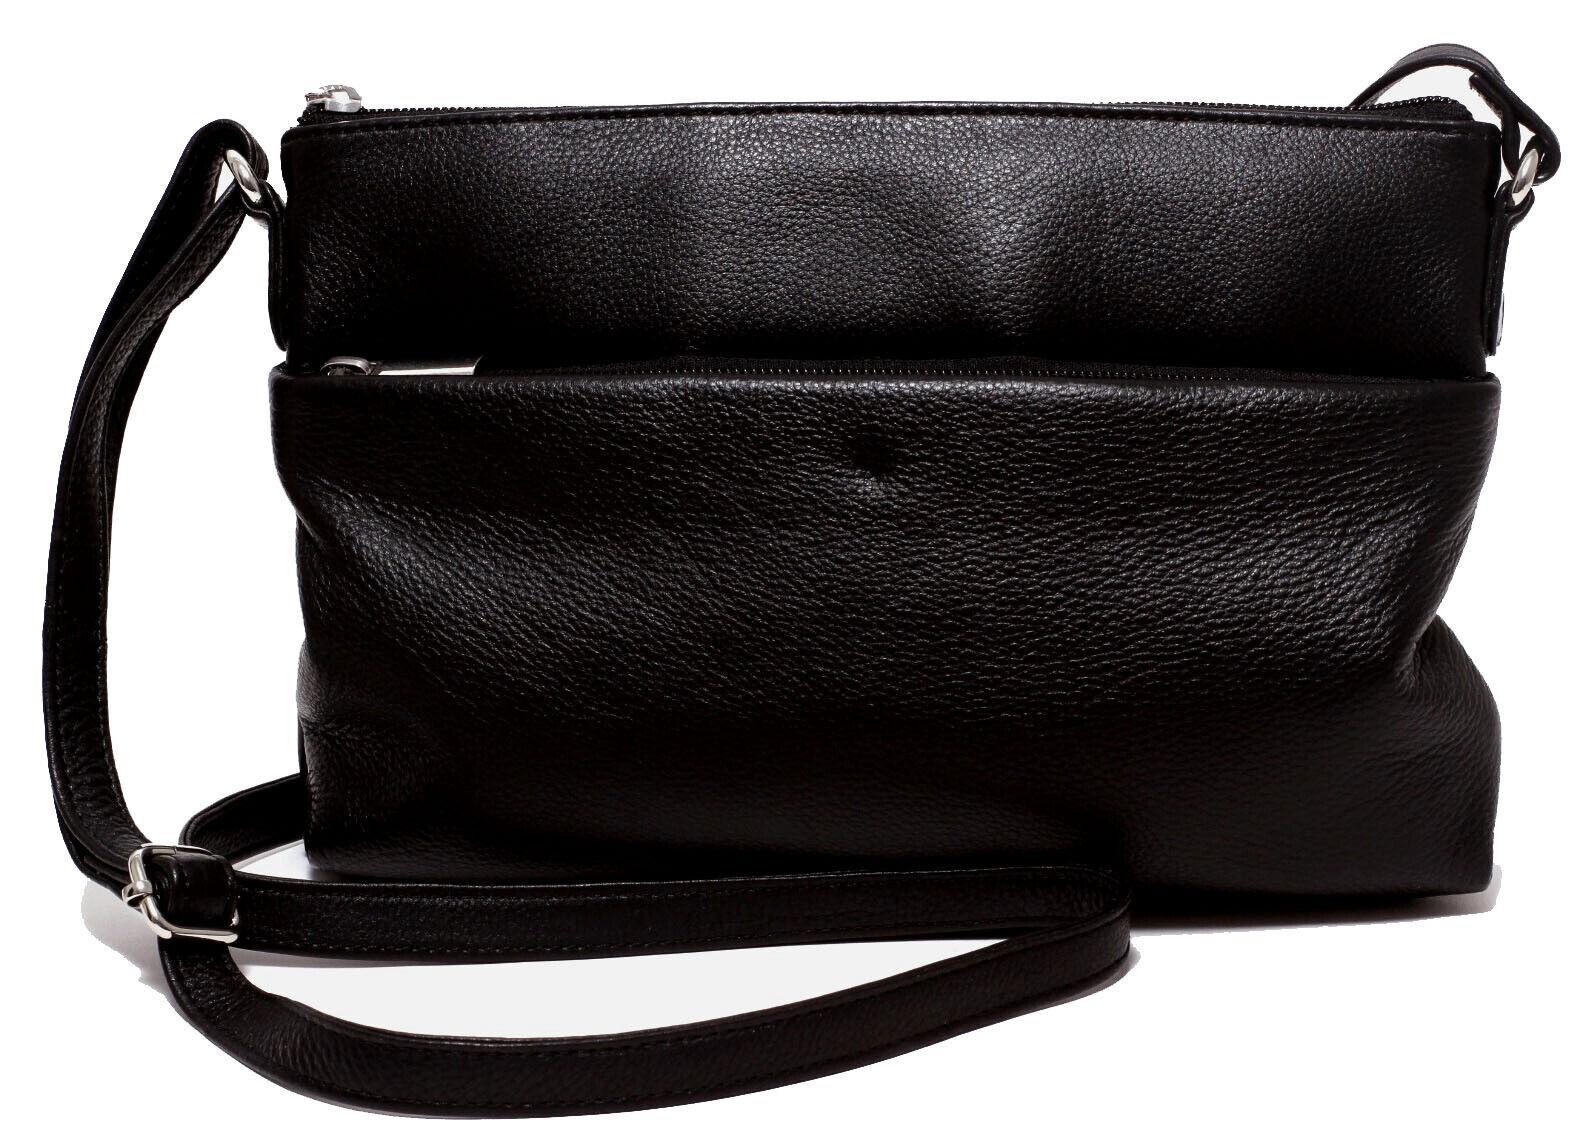 83eb13f897af0 Leder Damen Handtasche schwarz Ledertasche Clutch Schultertasche Abend  Tasche